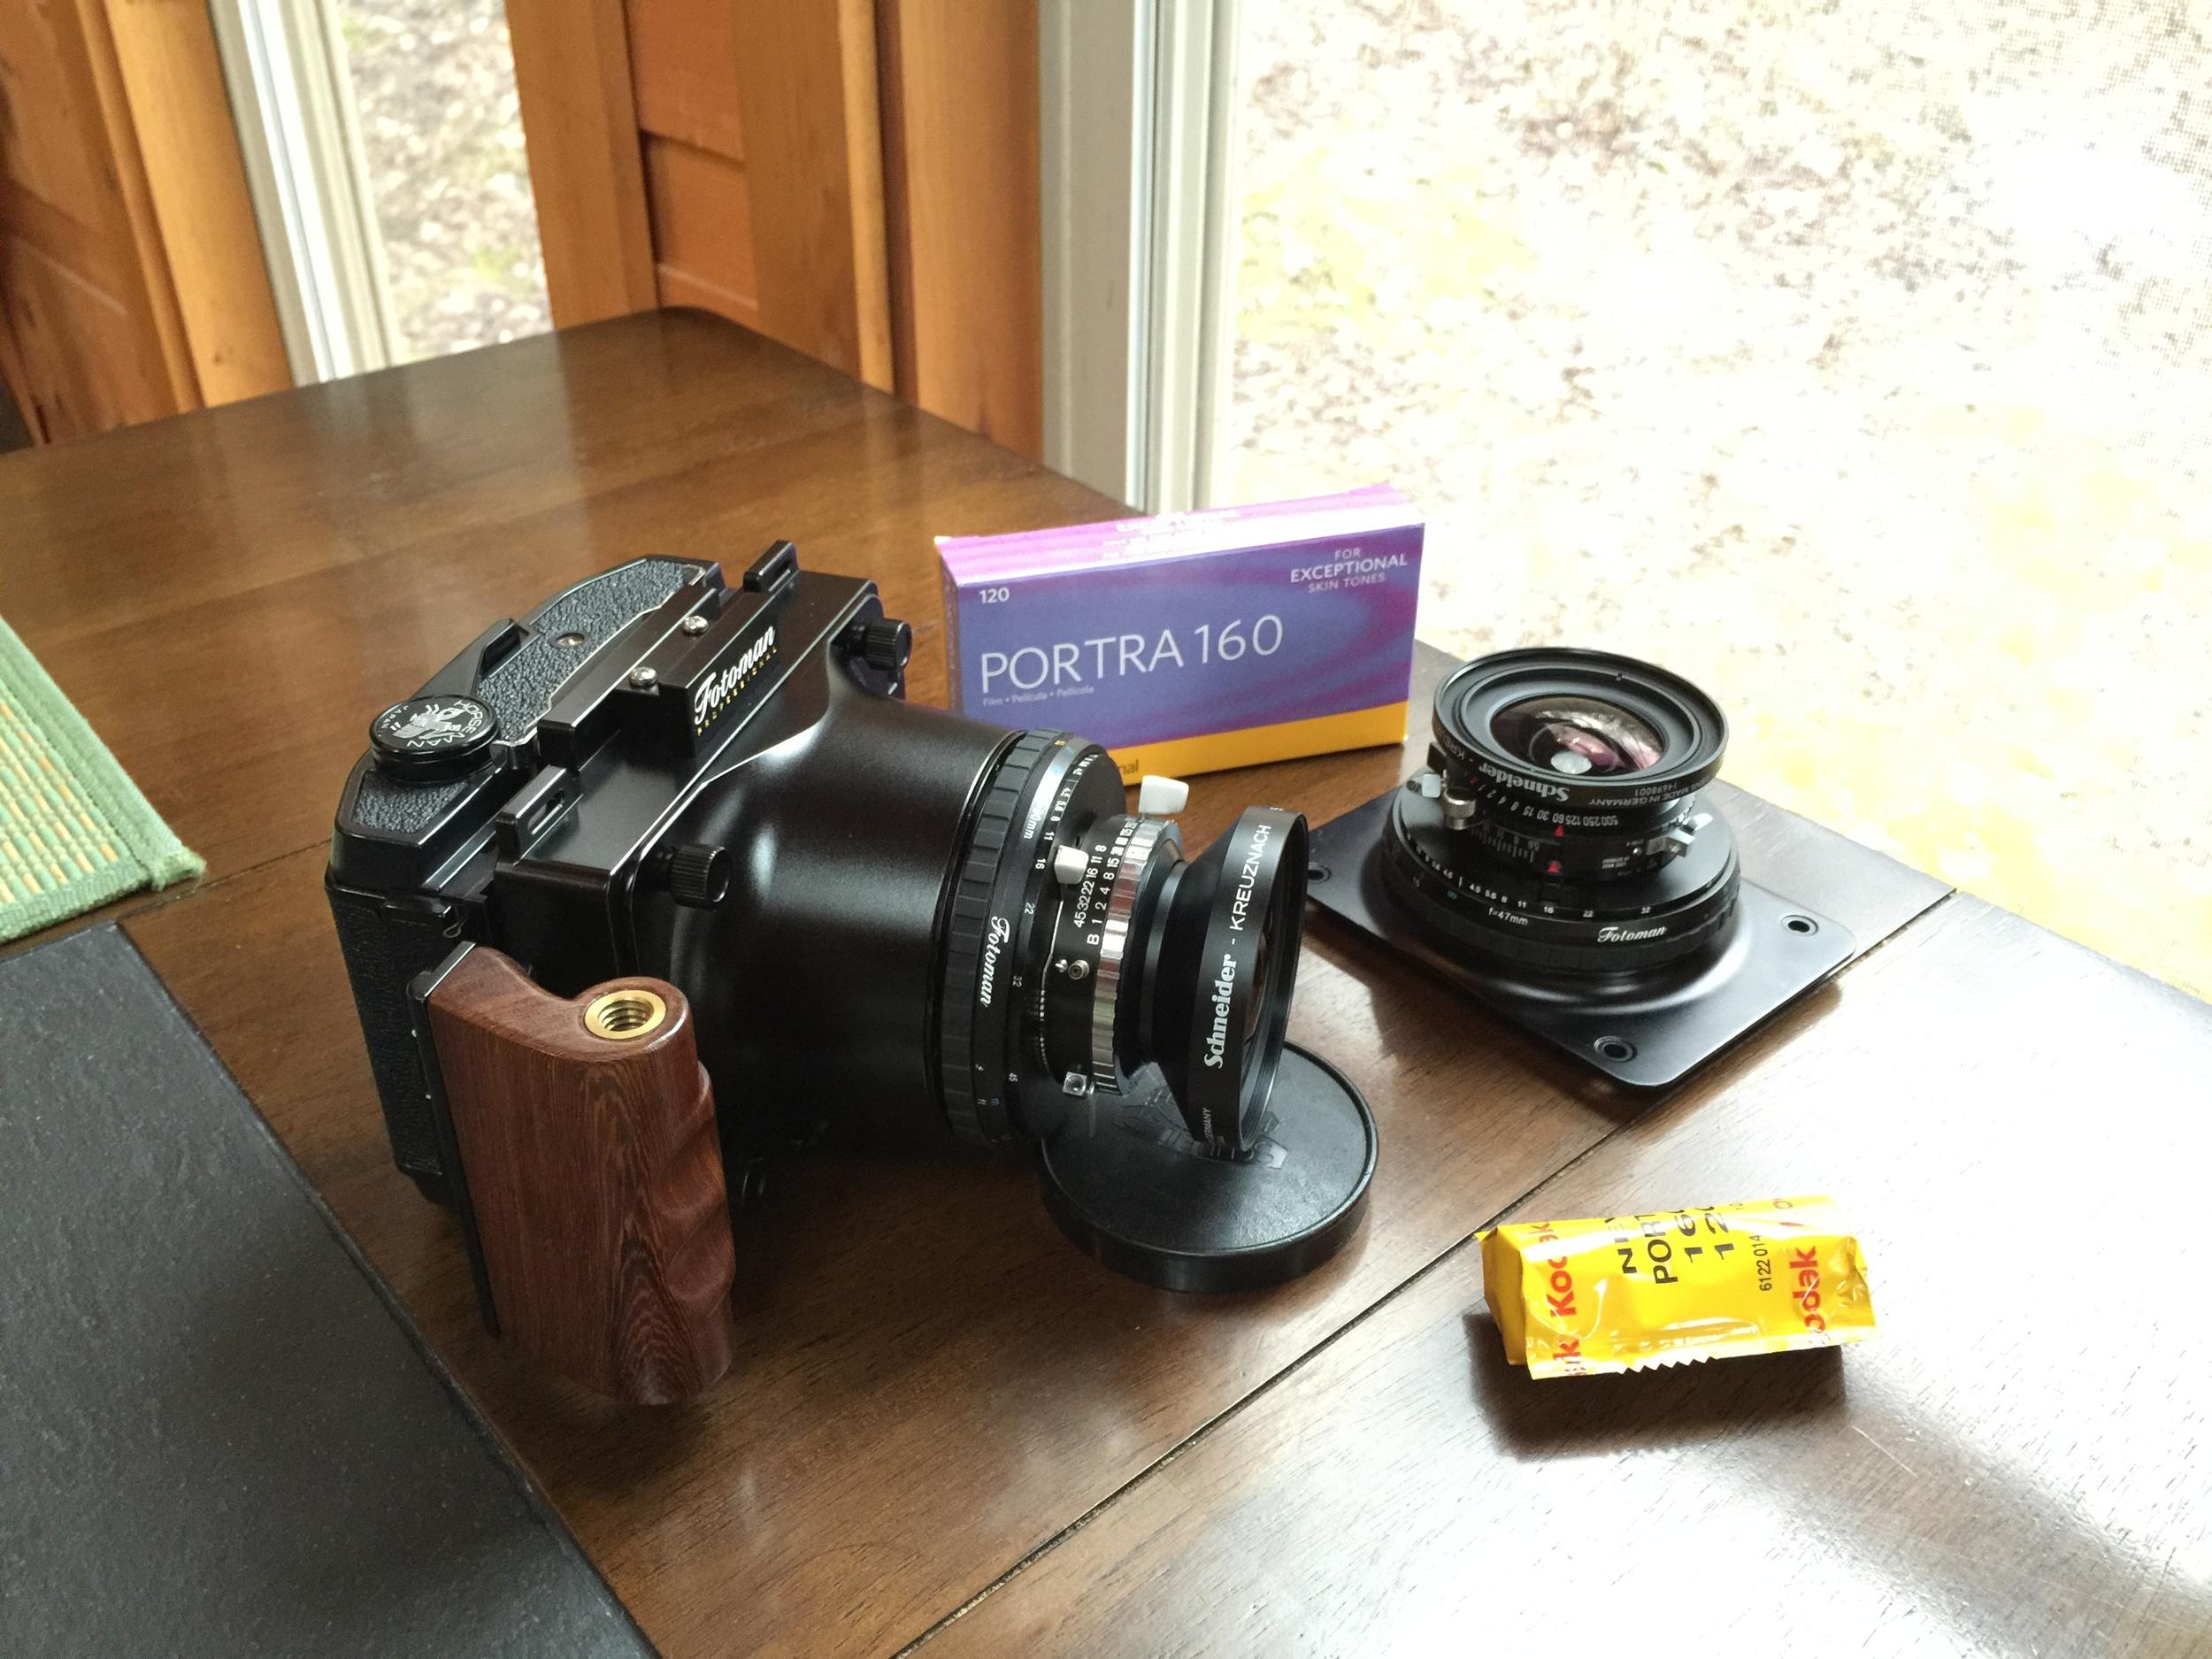 fotoman_69hps_camera_review_024.JPG